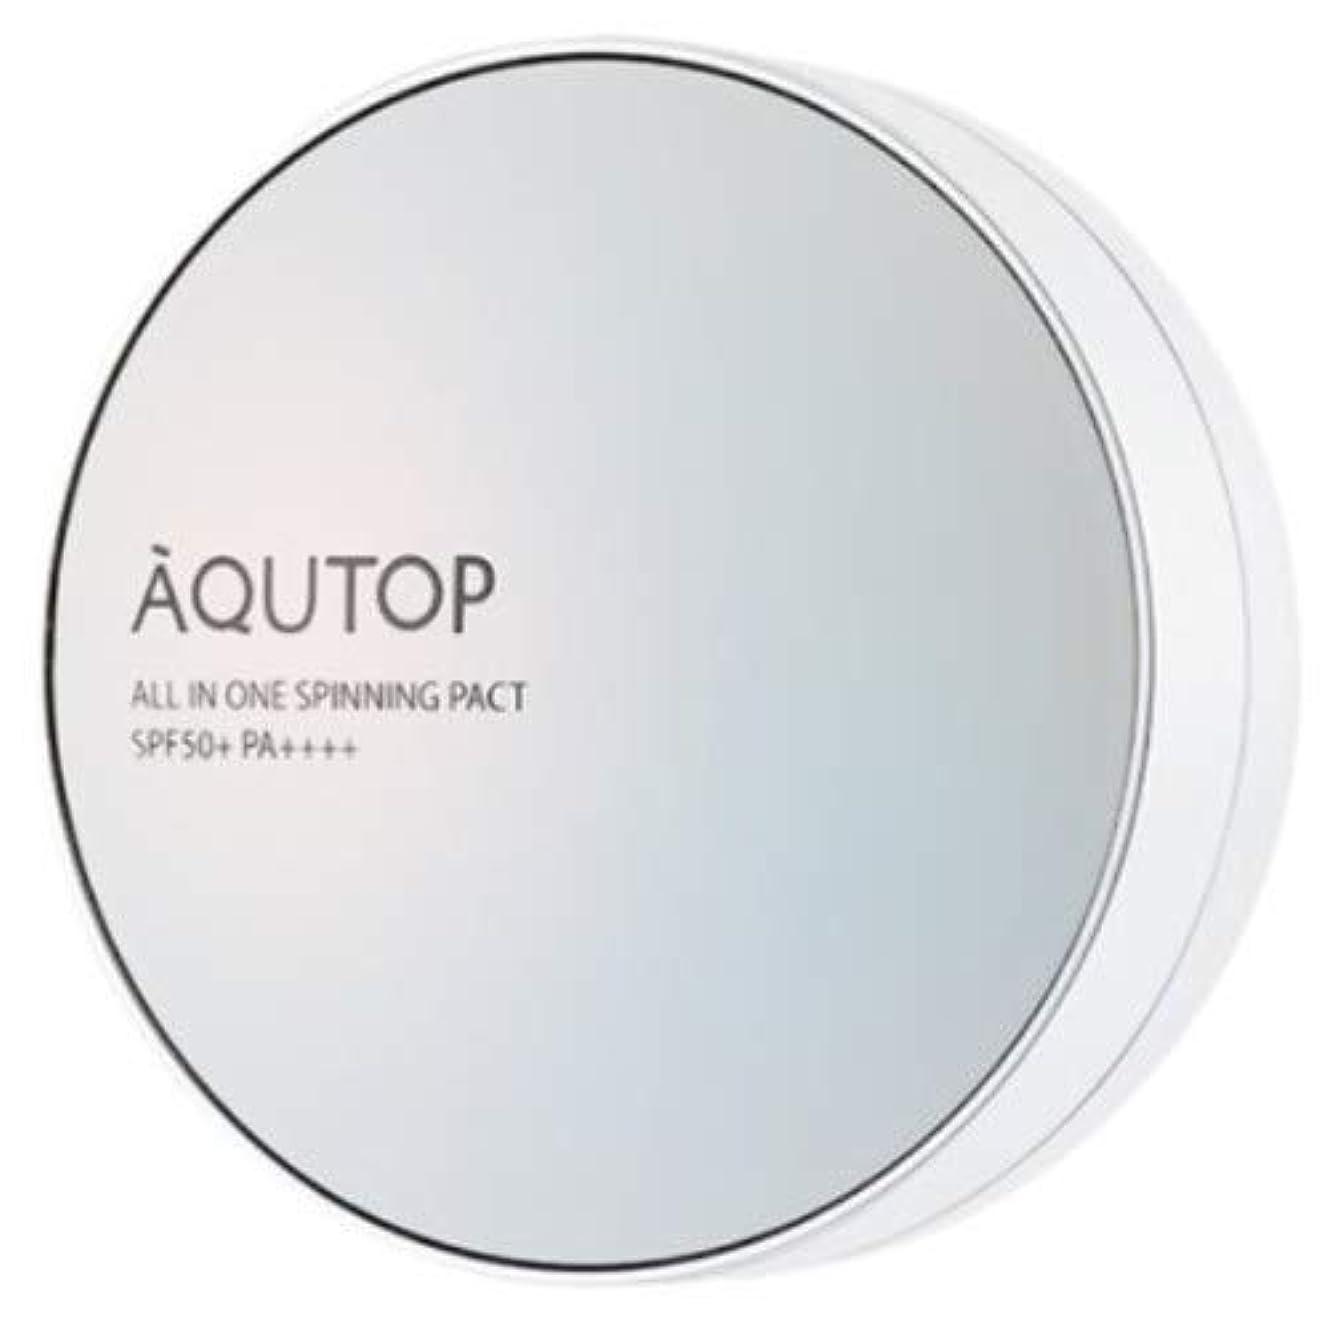 予測子観客勤勉[AQUTOP] アクタップオールインワンスピニングファクト SPF 50+ PA ++++ / AQUTOP ALL IN ONE SPINNING PACT [並行輸入品] (21号 ライトベージュ)